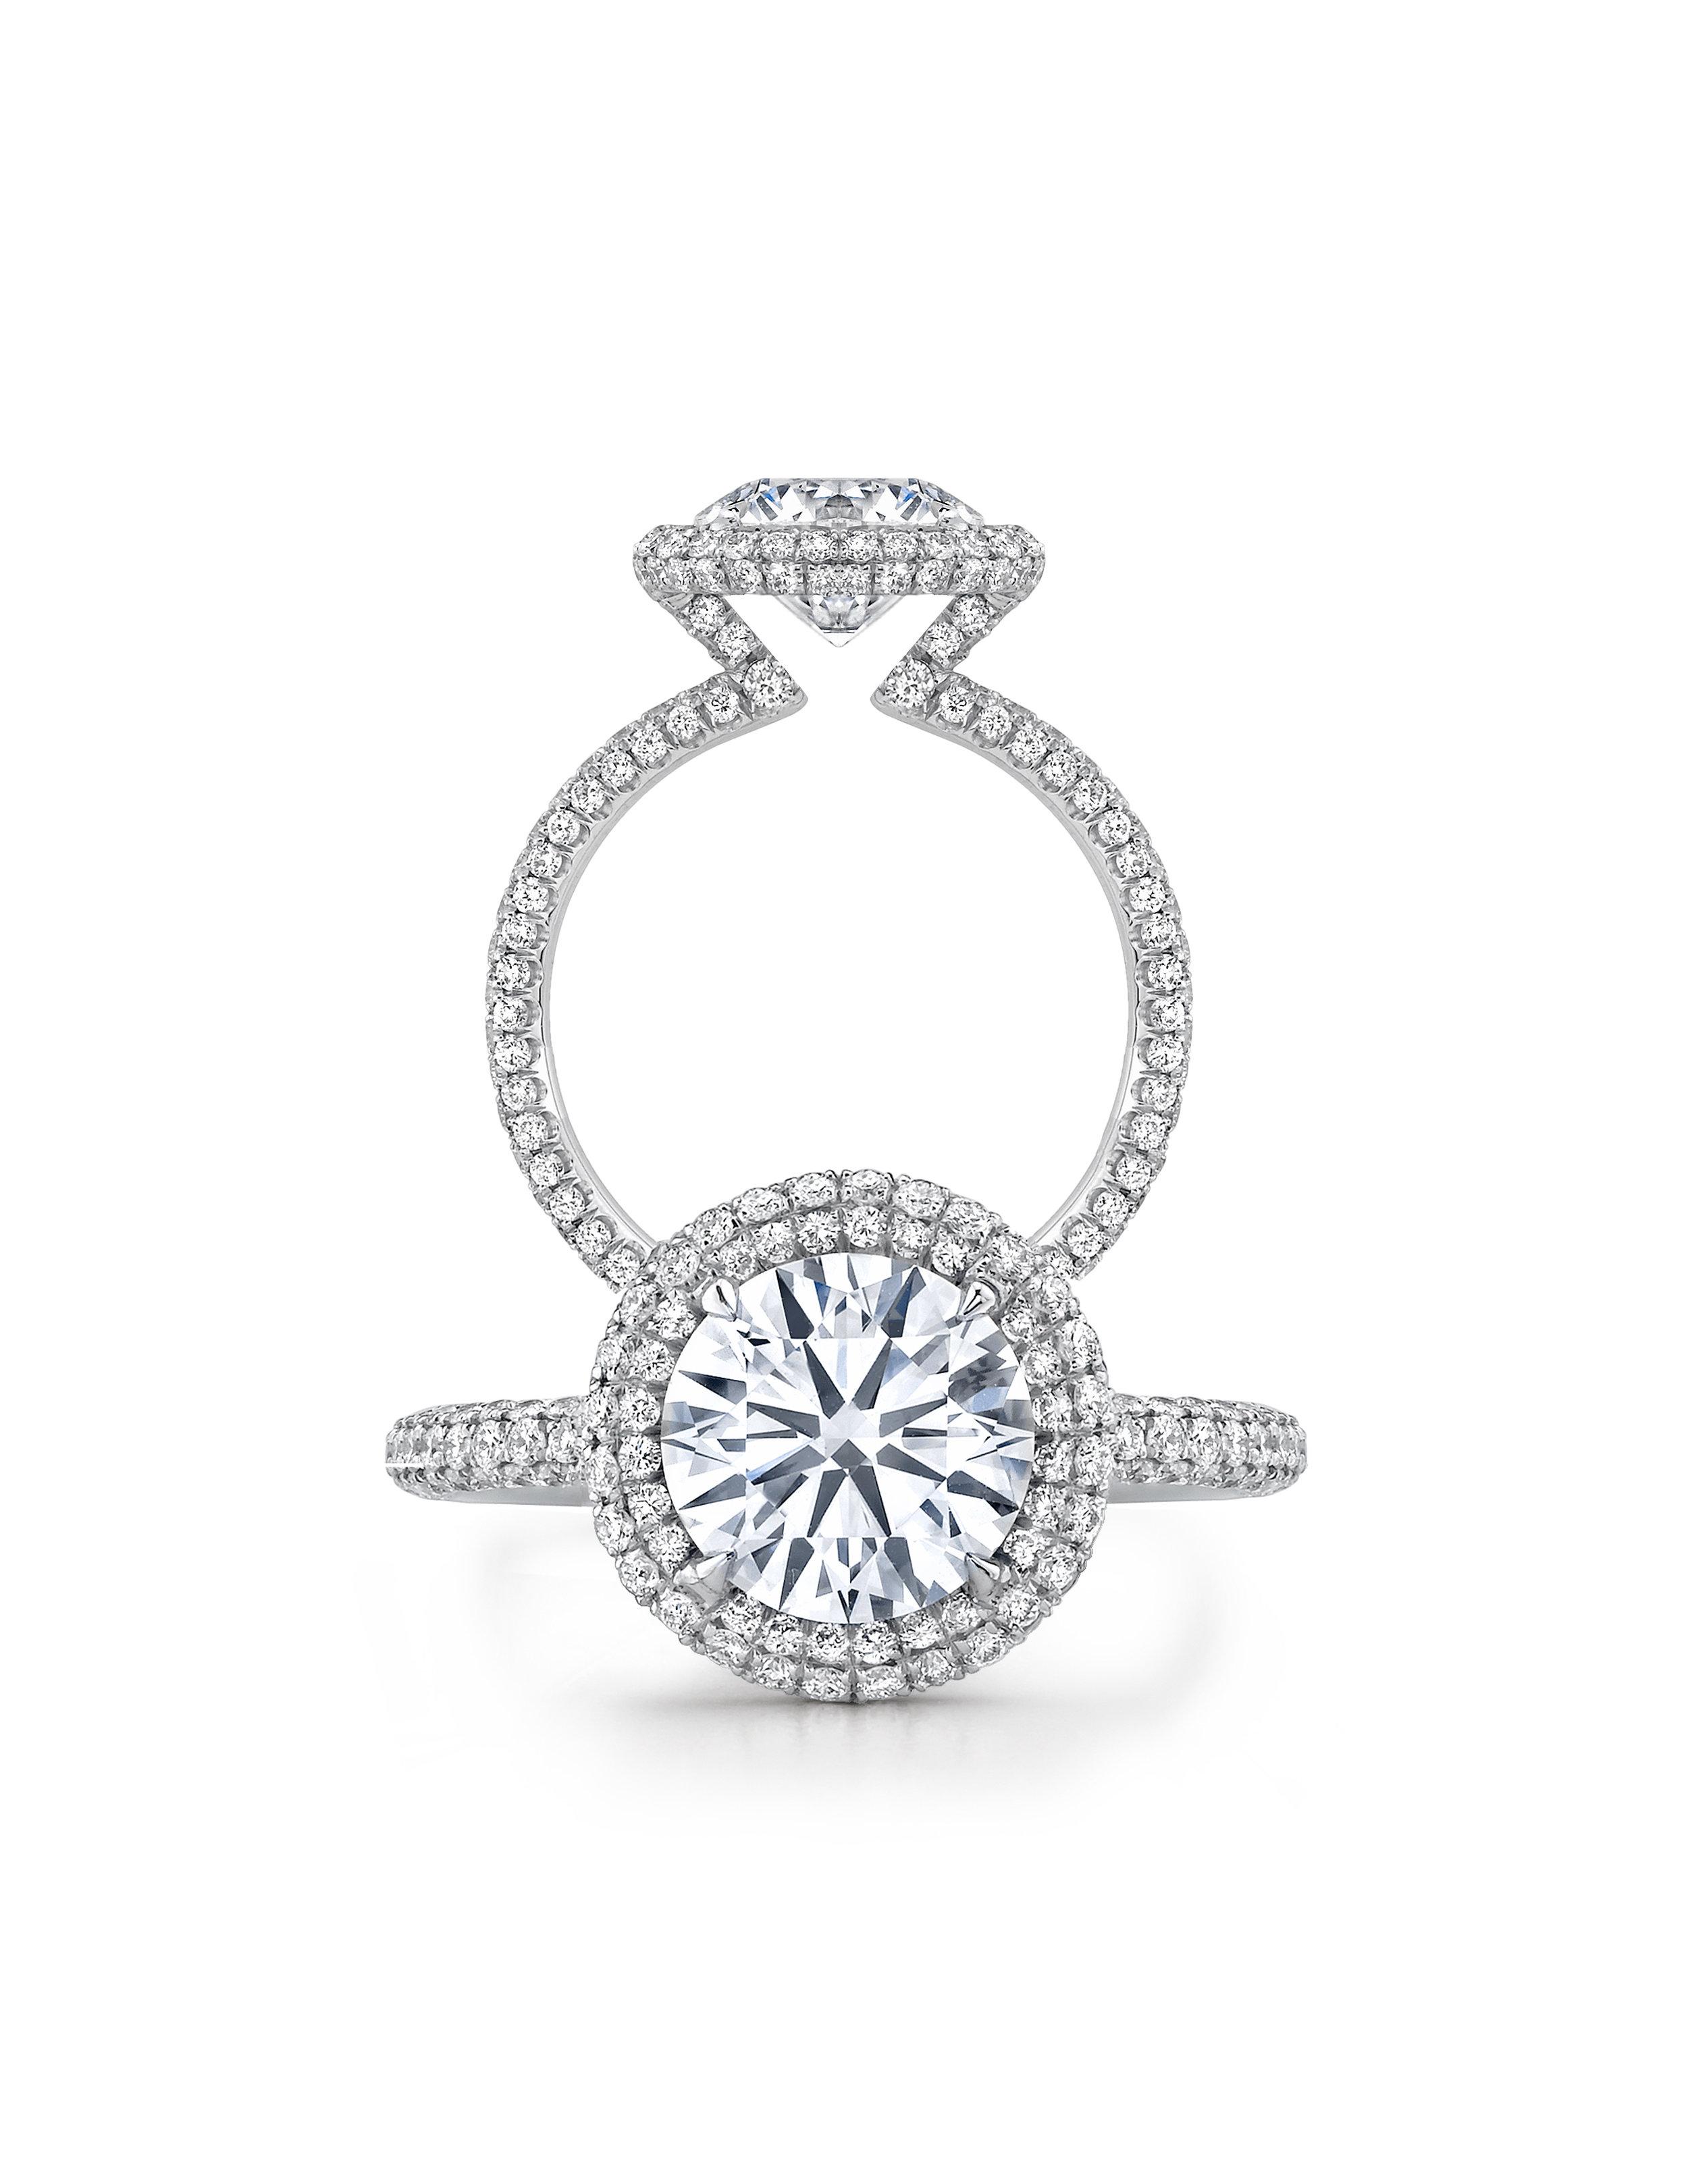 Platinum Diamond pave ring